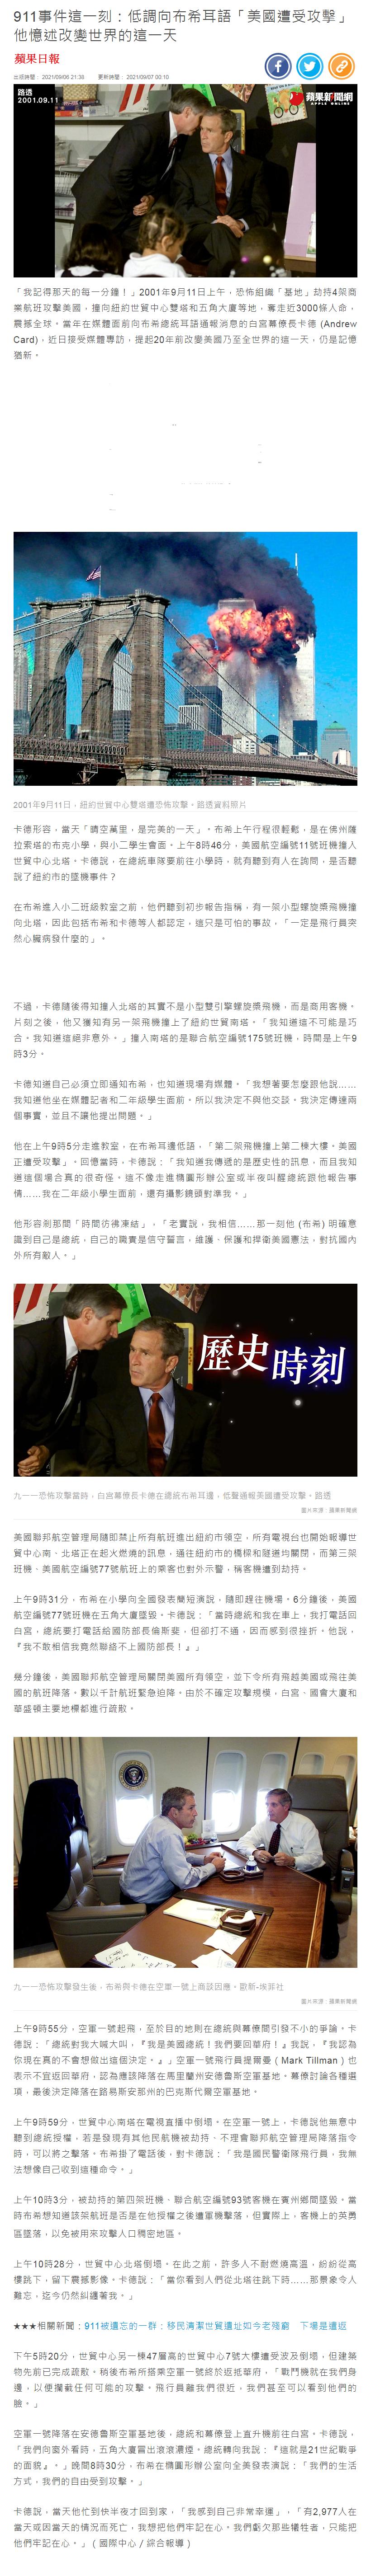 911事件這一刻:低調向布希耳語「美國遭受攻擊」 他憶述改變世界的這一天- 蘋果新聞網-2021.09.06.png